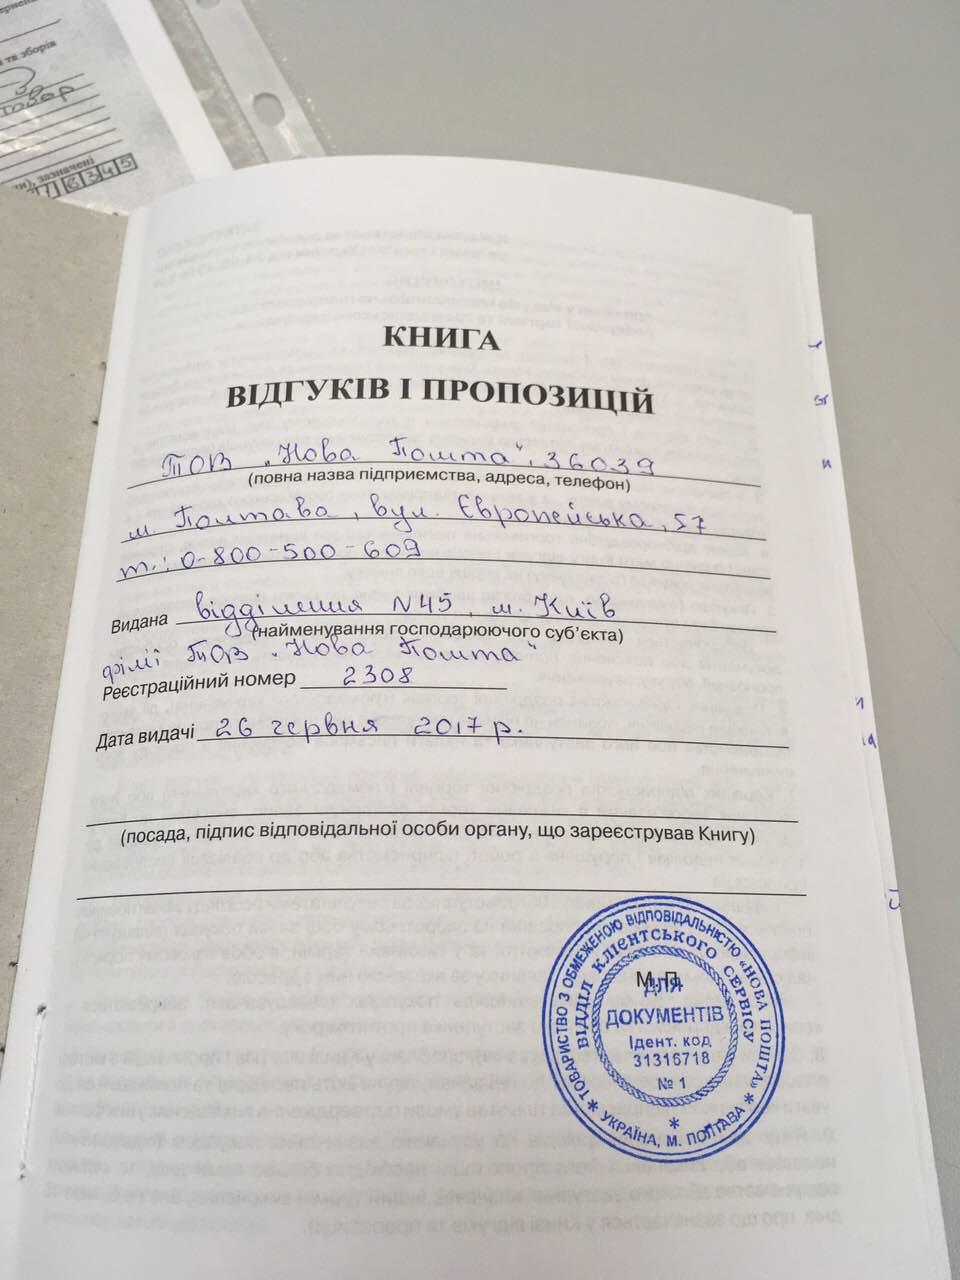 НОВАЯ ПОЧТА (Нова Пошта) - Ужасная работа почты